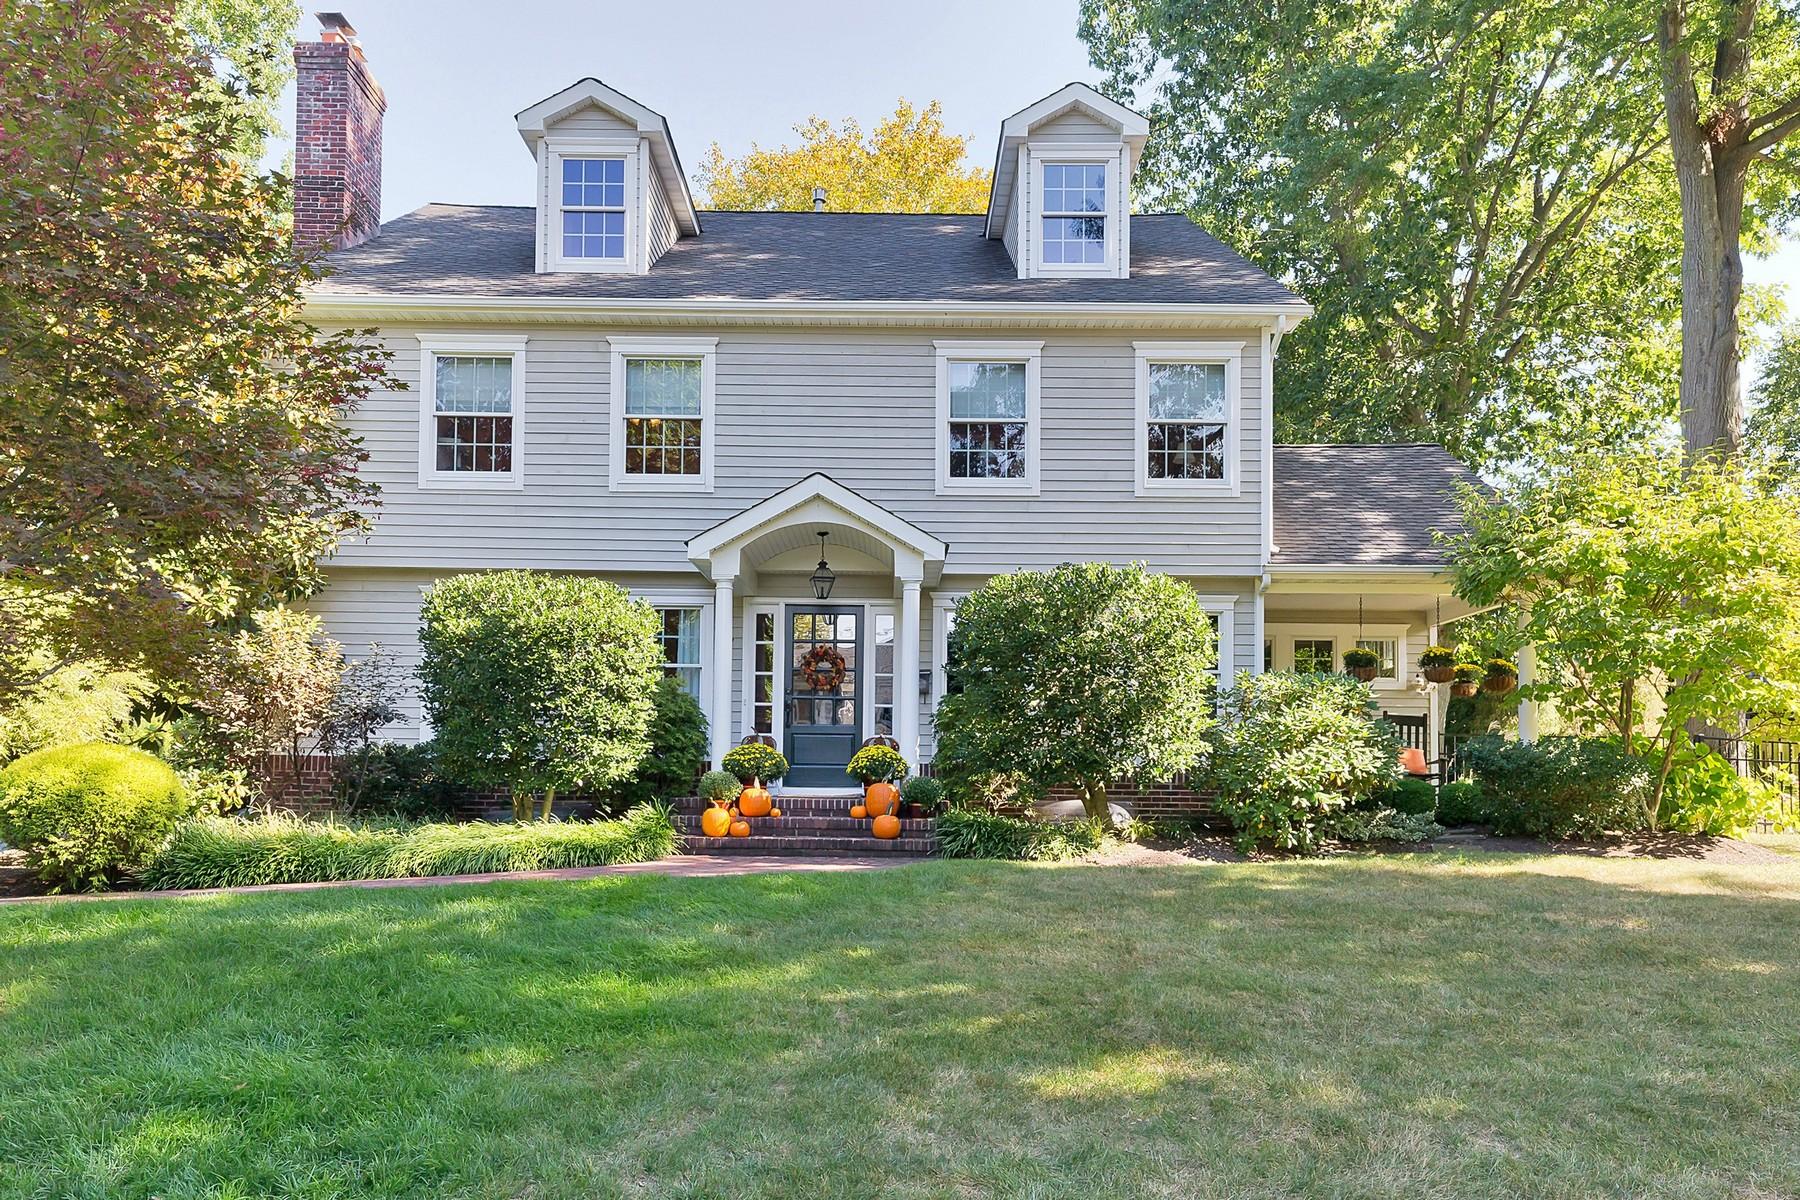 Einfamilienhaus für Verkauf beim The one you've been waiting for 57 Heights Terrace Fair Haven, New Jersey 07704 Vereinigte Staaten